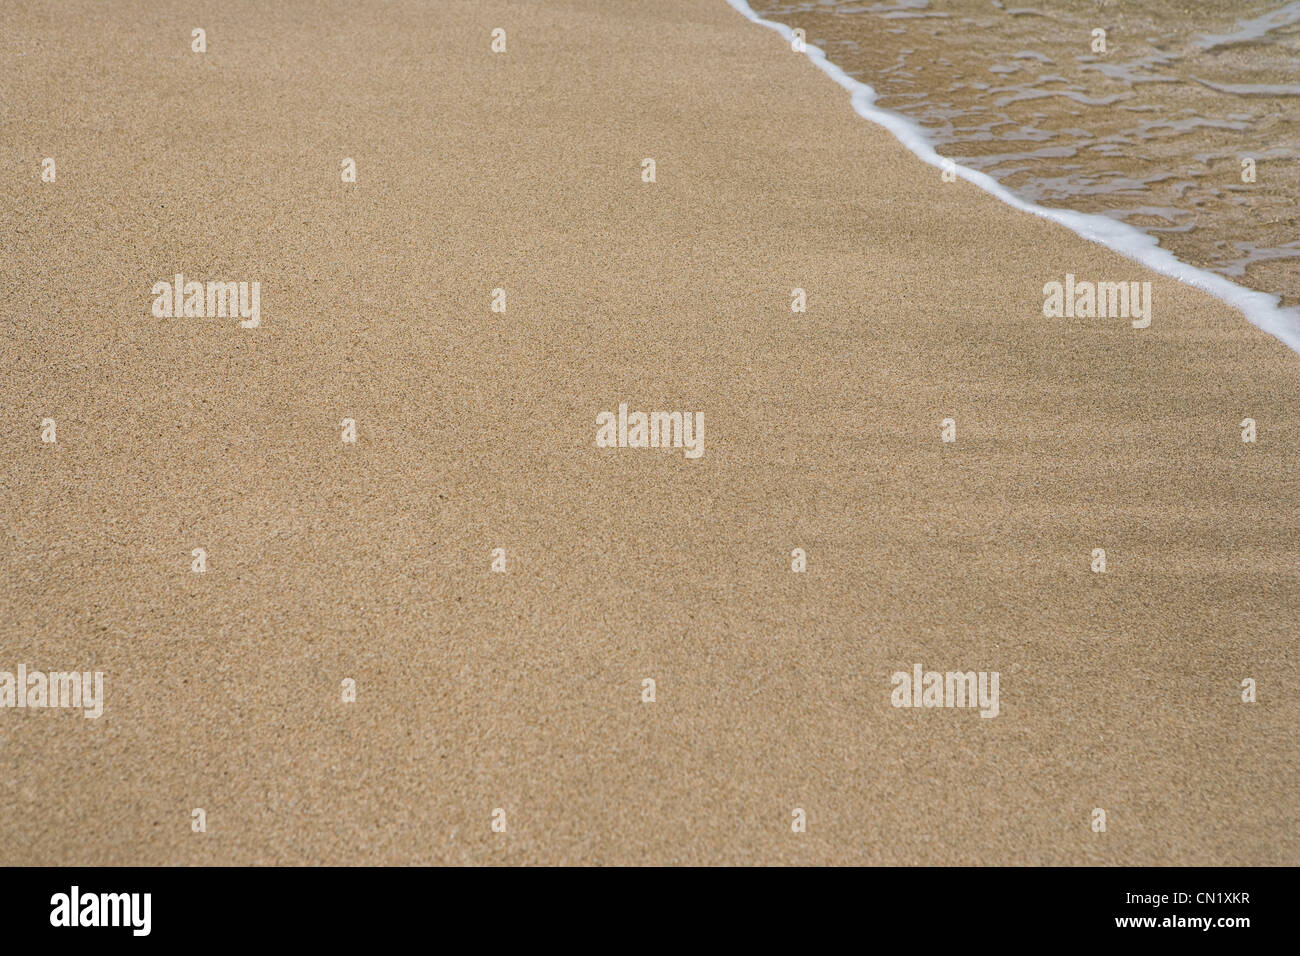 Surf on sand, Kauai, Hawaii - Stock Image